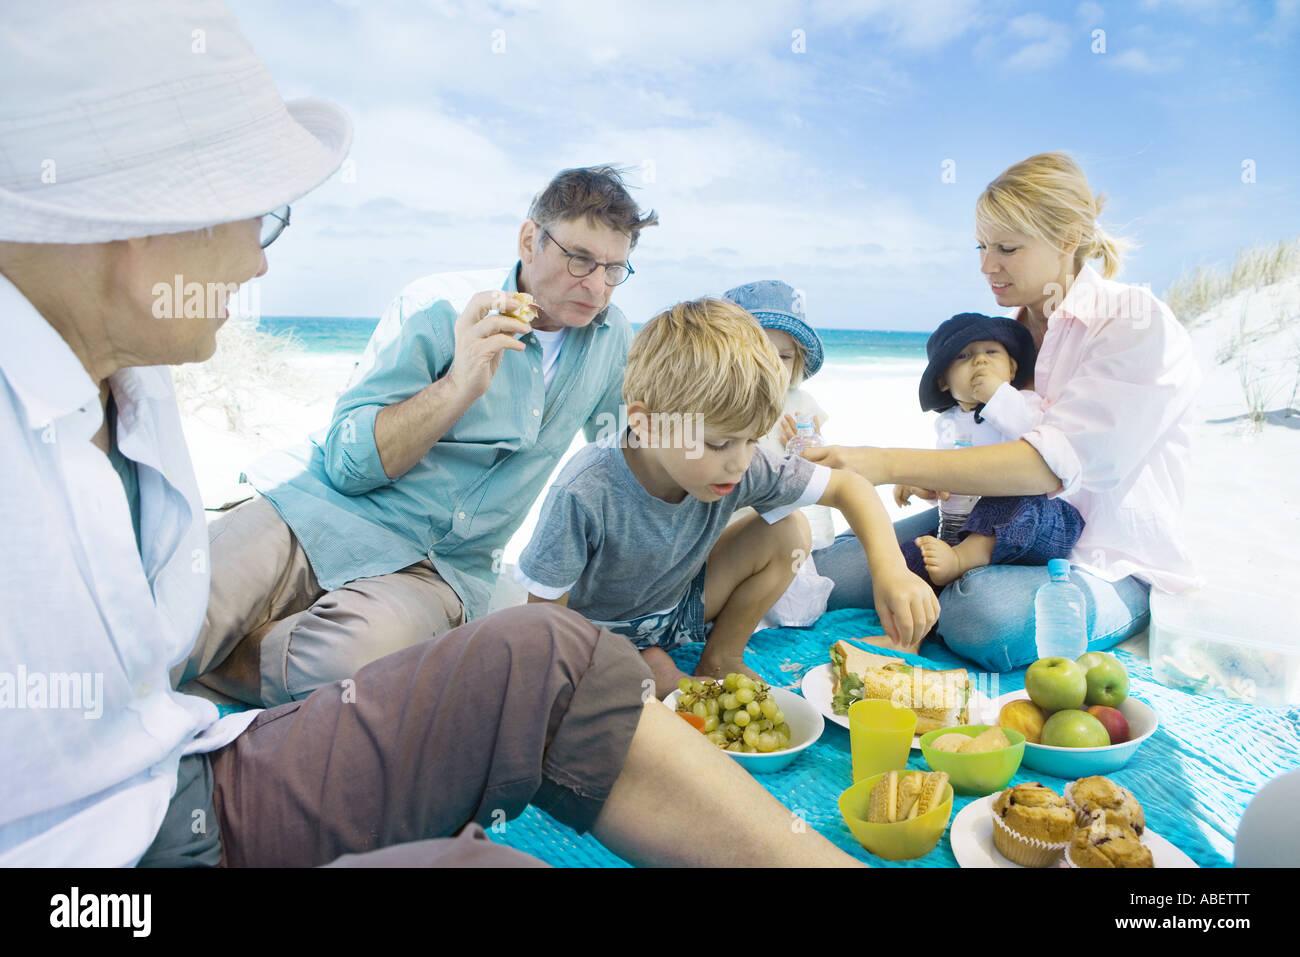 Family having picnic on beach Stock Photo